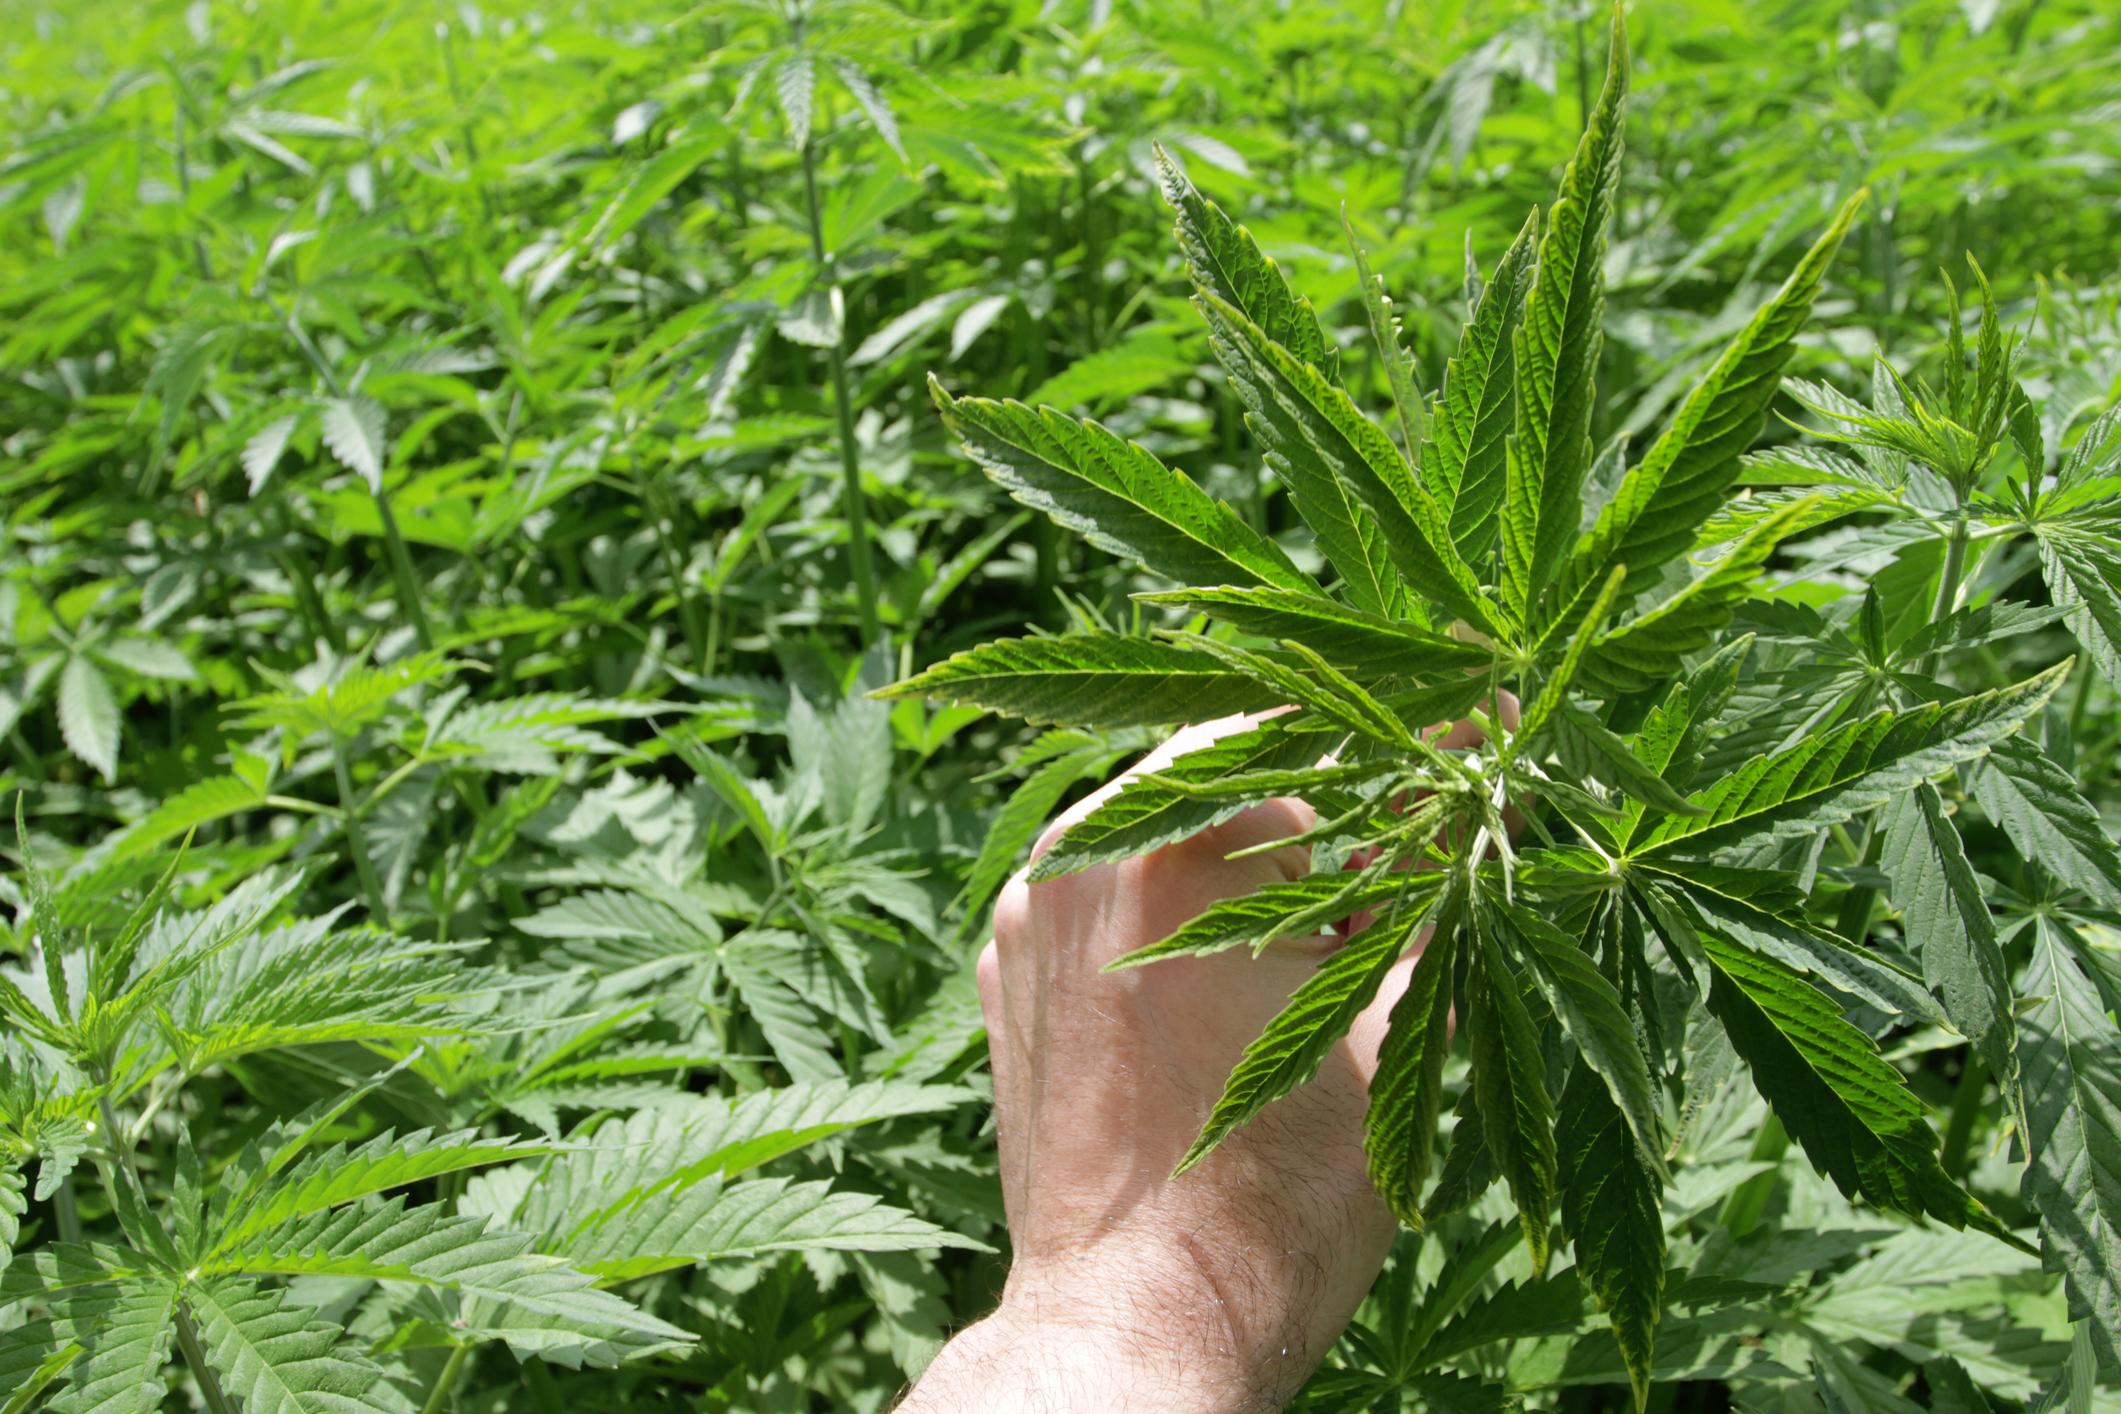 A person holding a cannabis leaf amid a large grow farm.